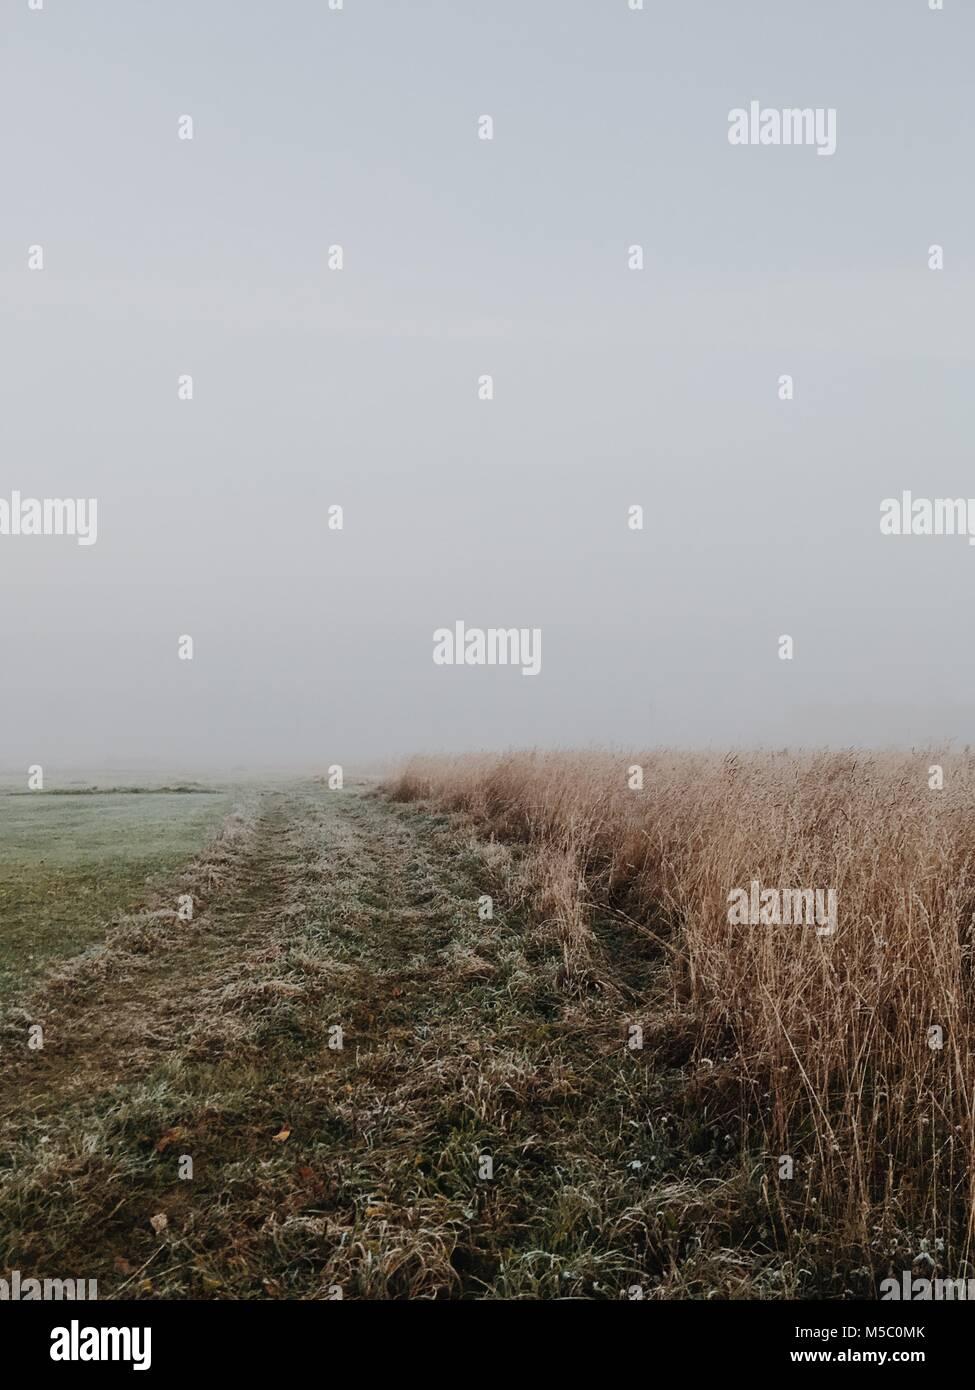 Champ de blé blanc rien derrière. Scène d'automne dure avec le brouillard. Photo Stock